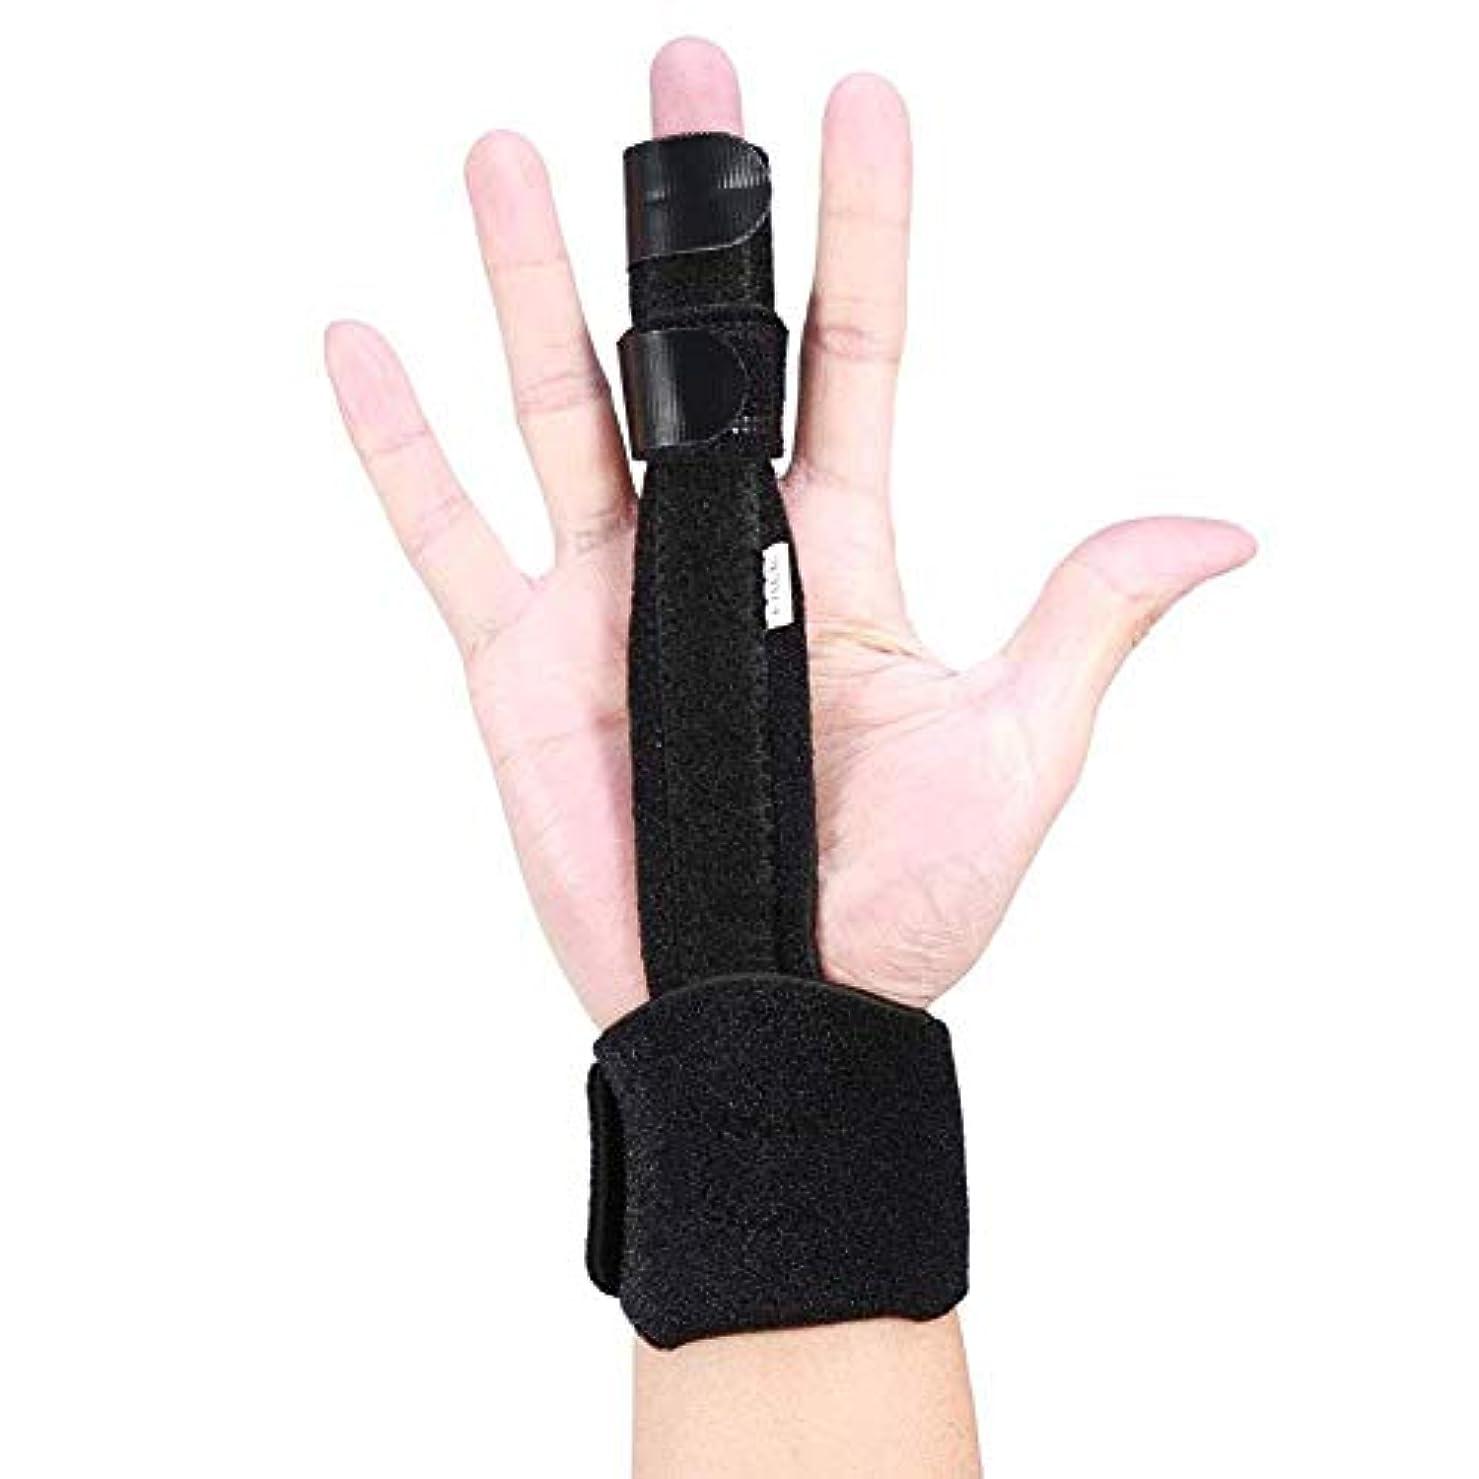 放映照らす意識指の負傷のサポート、調整可能なアルミニウム製の指の副木手サポートの回復サポート保護傷害の援助